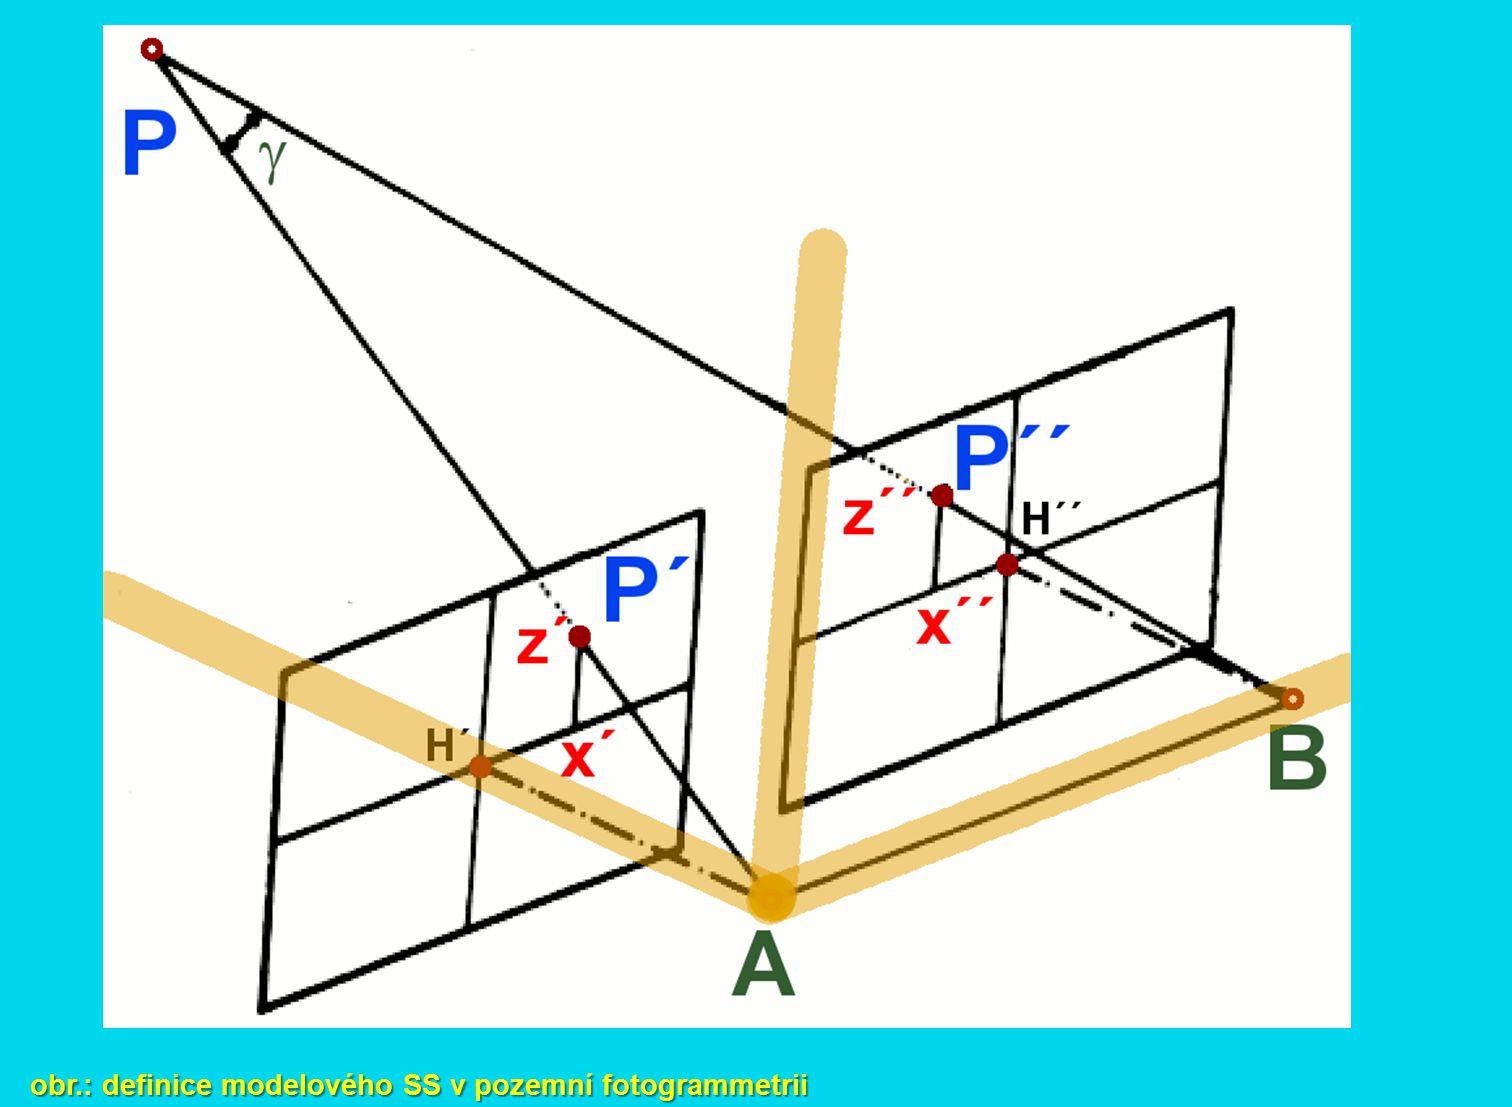 obr.: definice modelového SS v pozemní fotogrammetrii